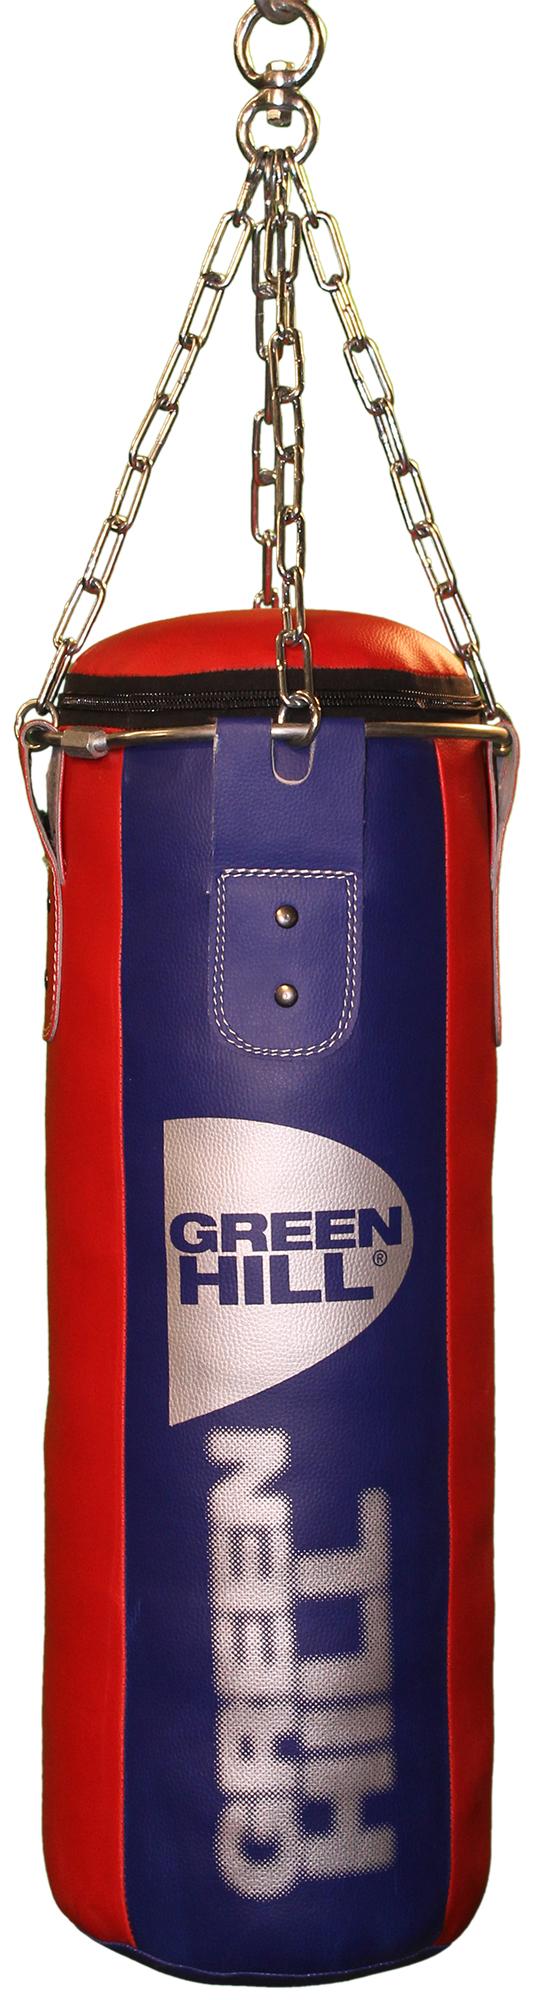 Green Hill Мешок набивной Hill, 20 кг